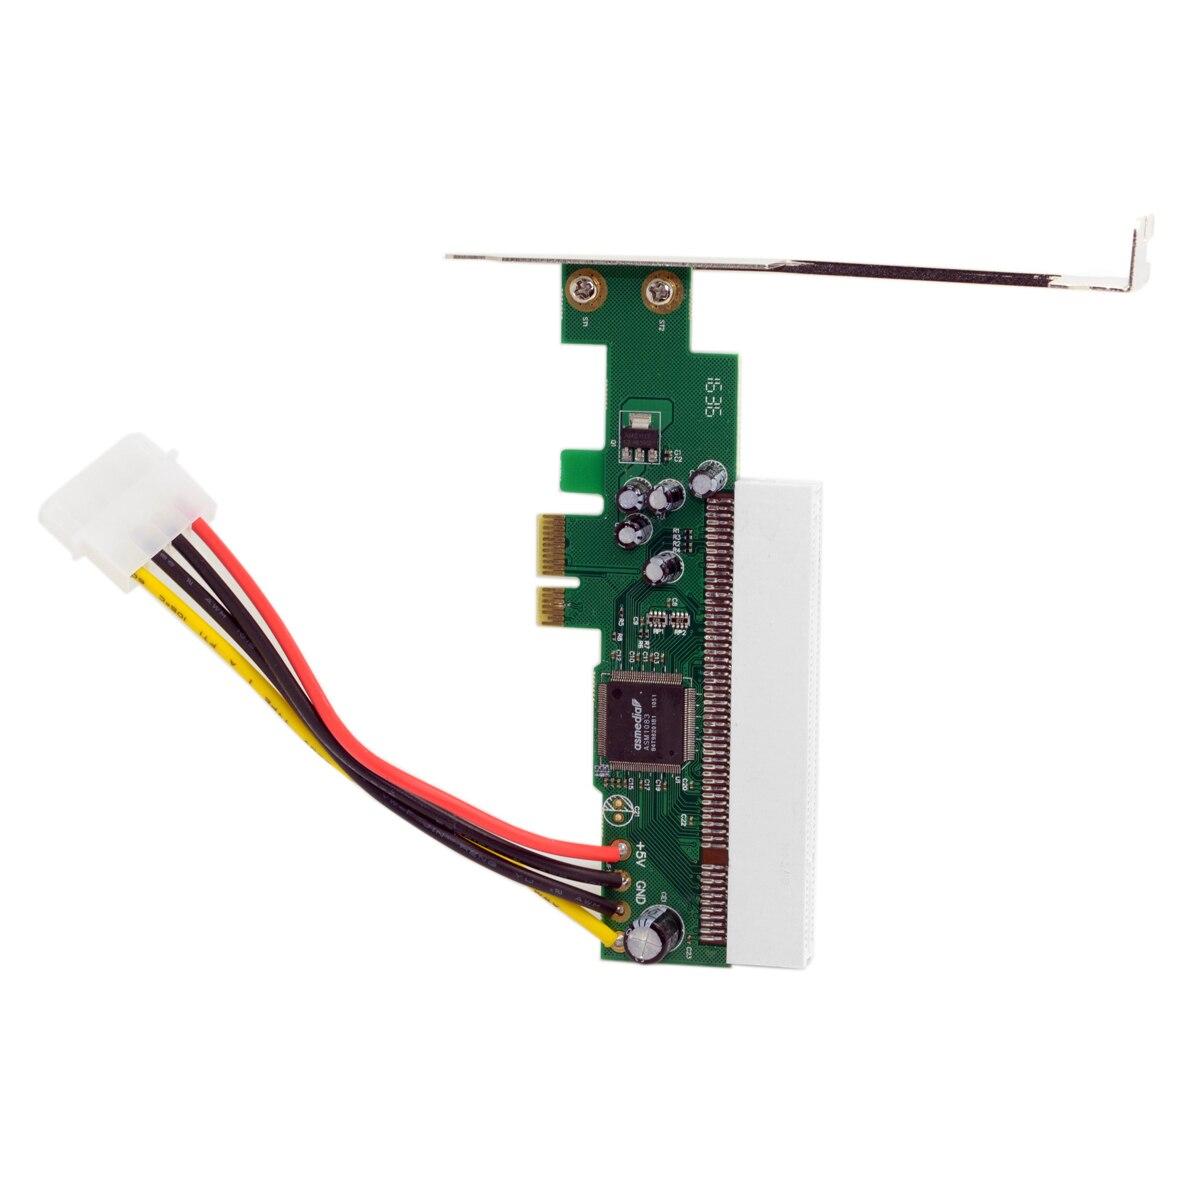 10 pièces/lot Chenyang pci-express PCIE PCI-E X1 X4 X8 X16 à PCI Bus Riser carte adaptateur convertisseur avec support pour Windows